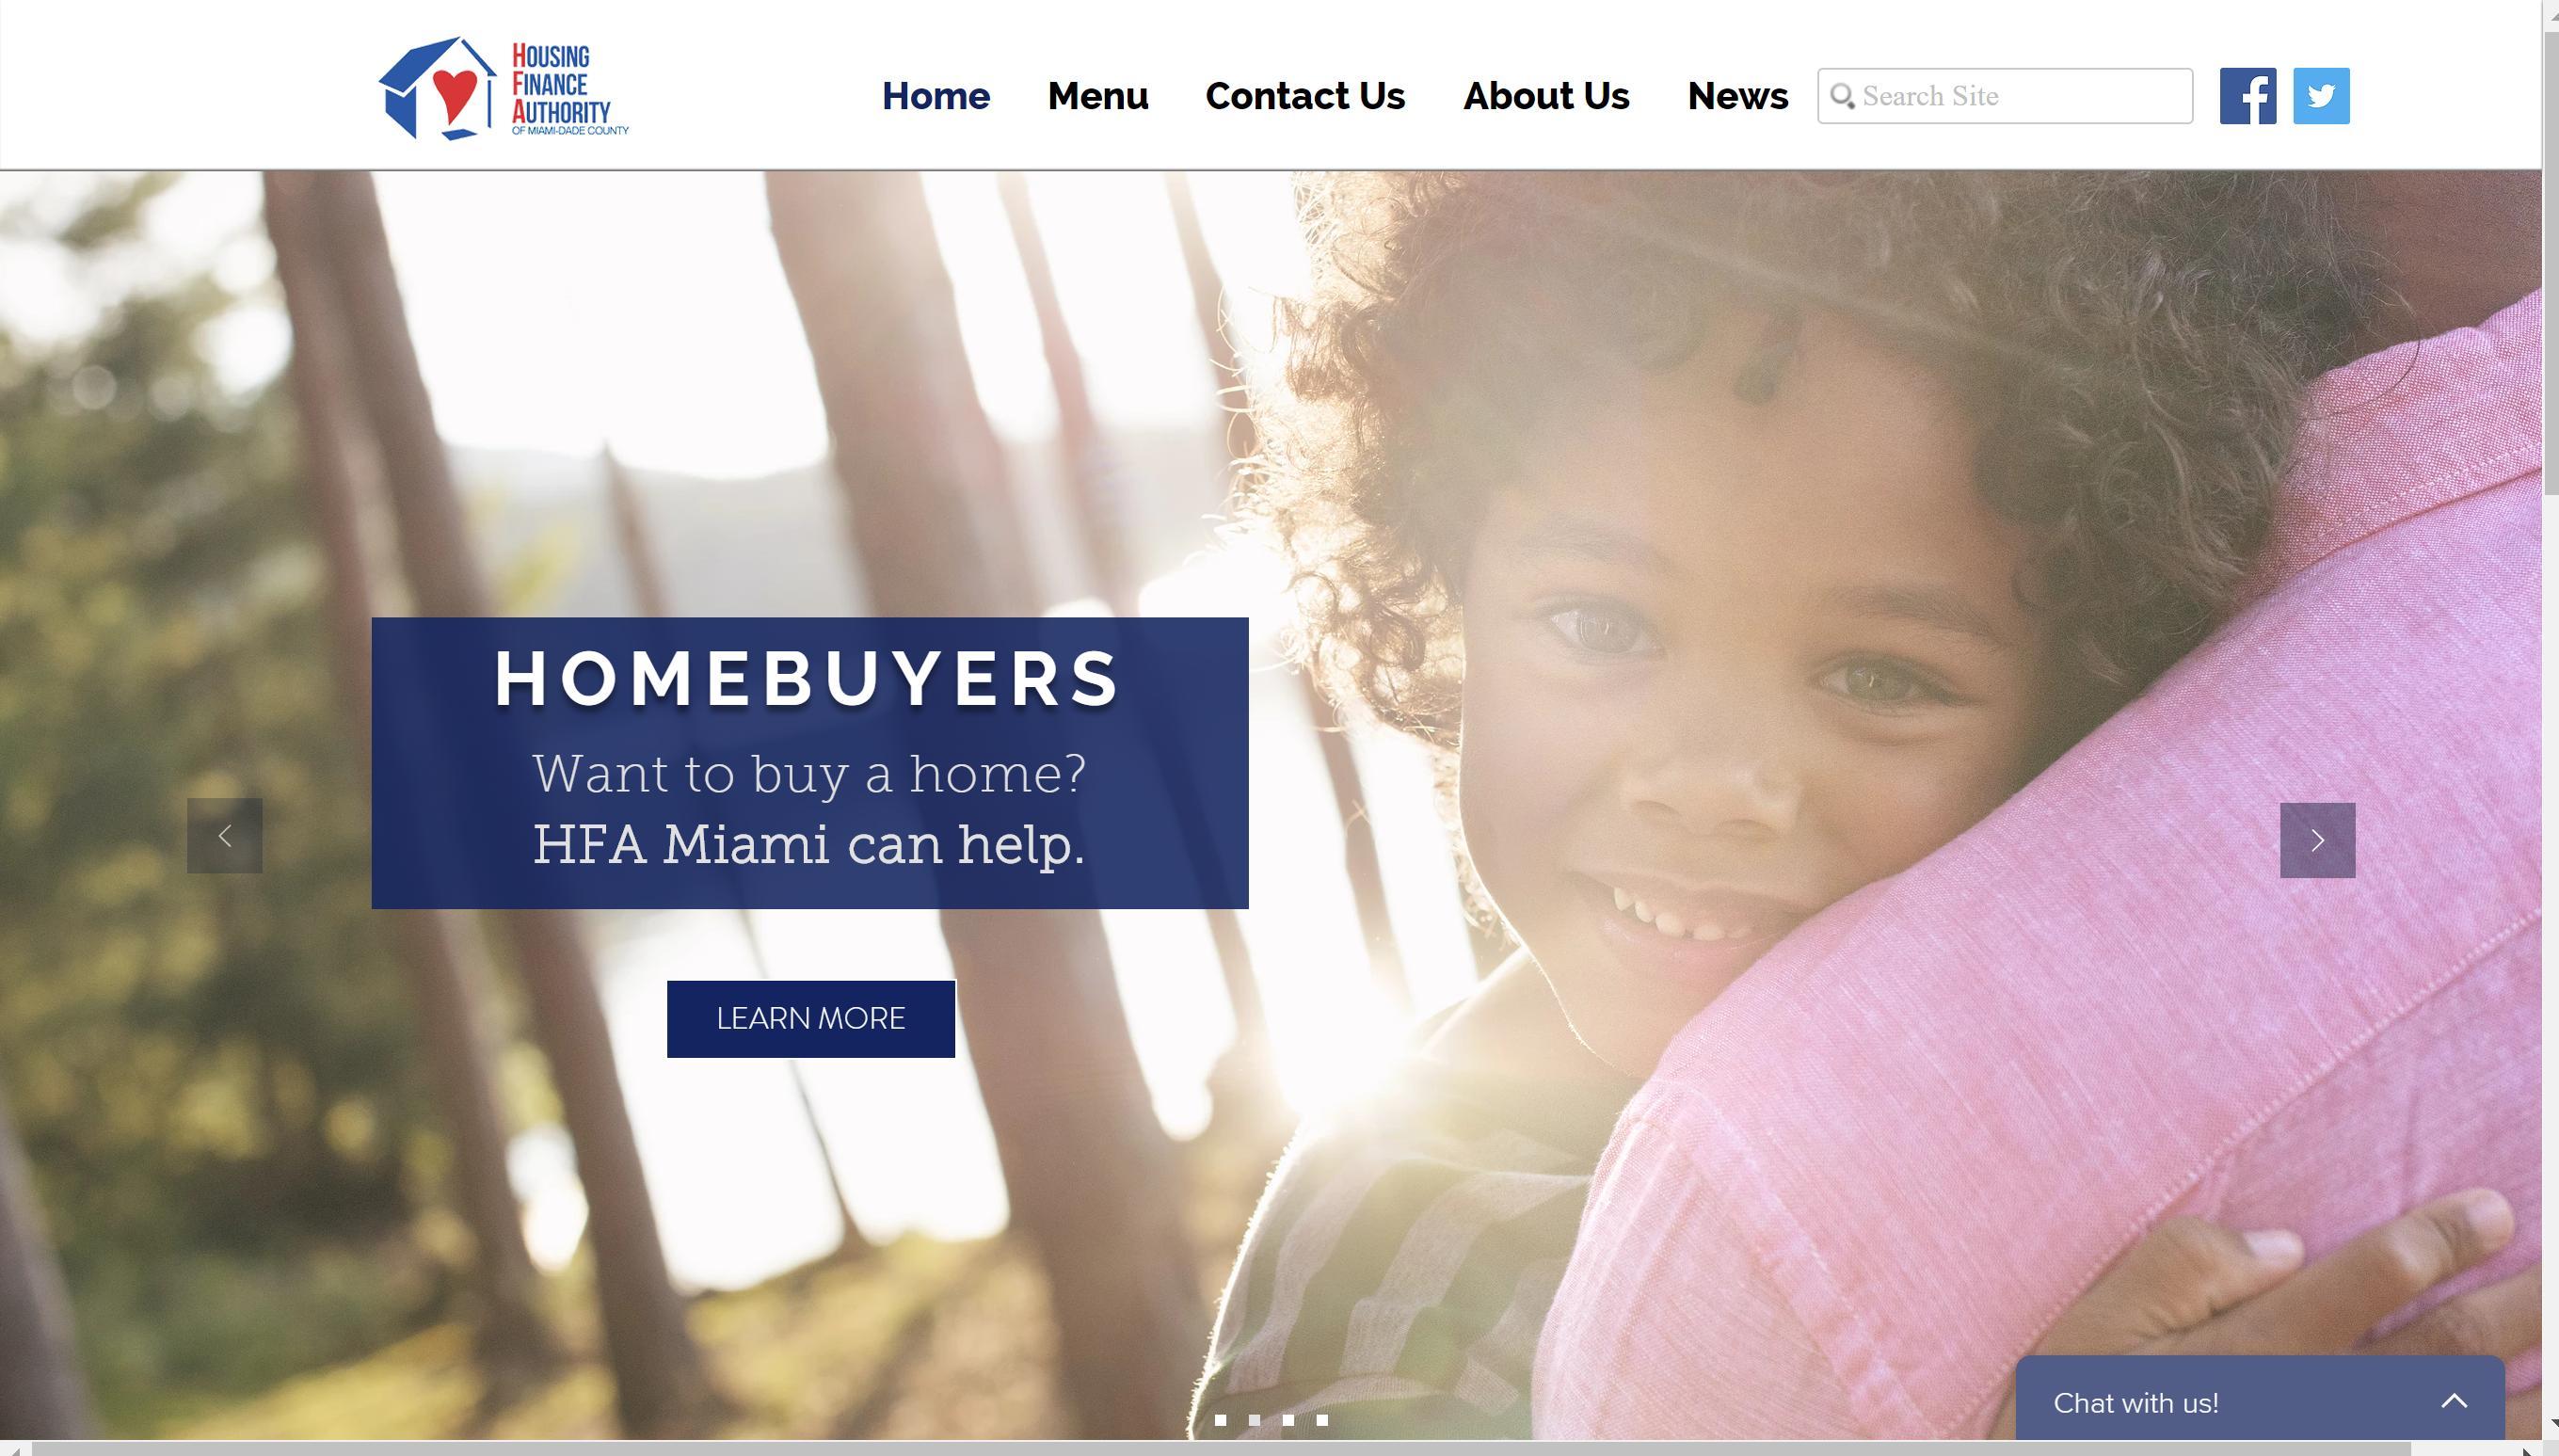 Housing Finance Authority of Miami-Dade County | Miami, FL